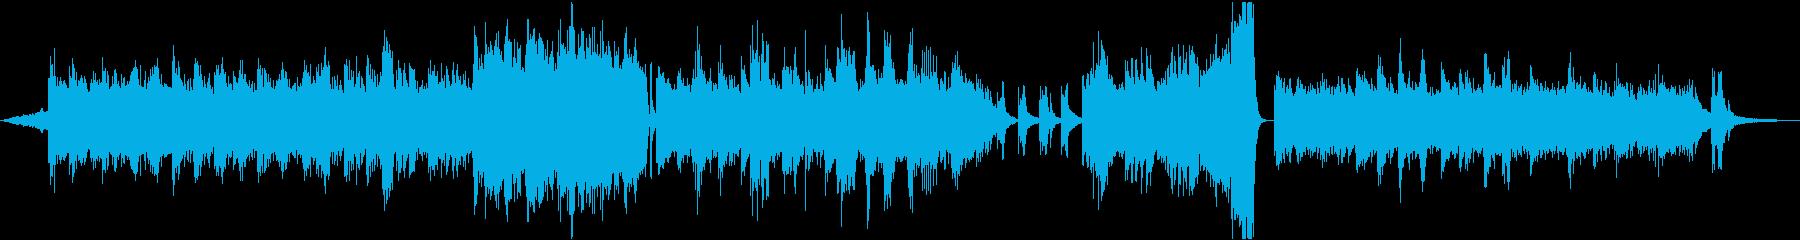 冬 幻想的なアンビエント シンセとピアノの再生済みの波形